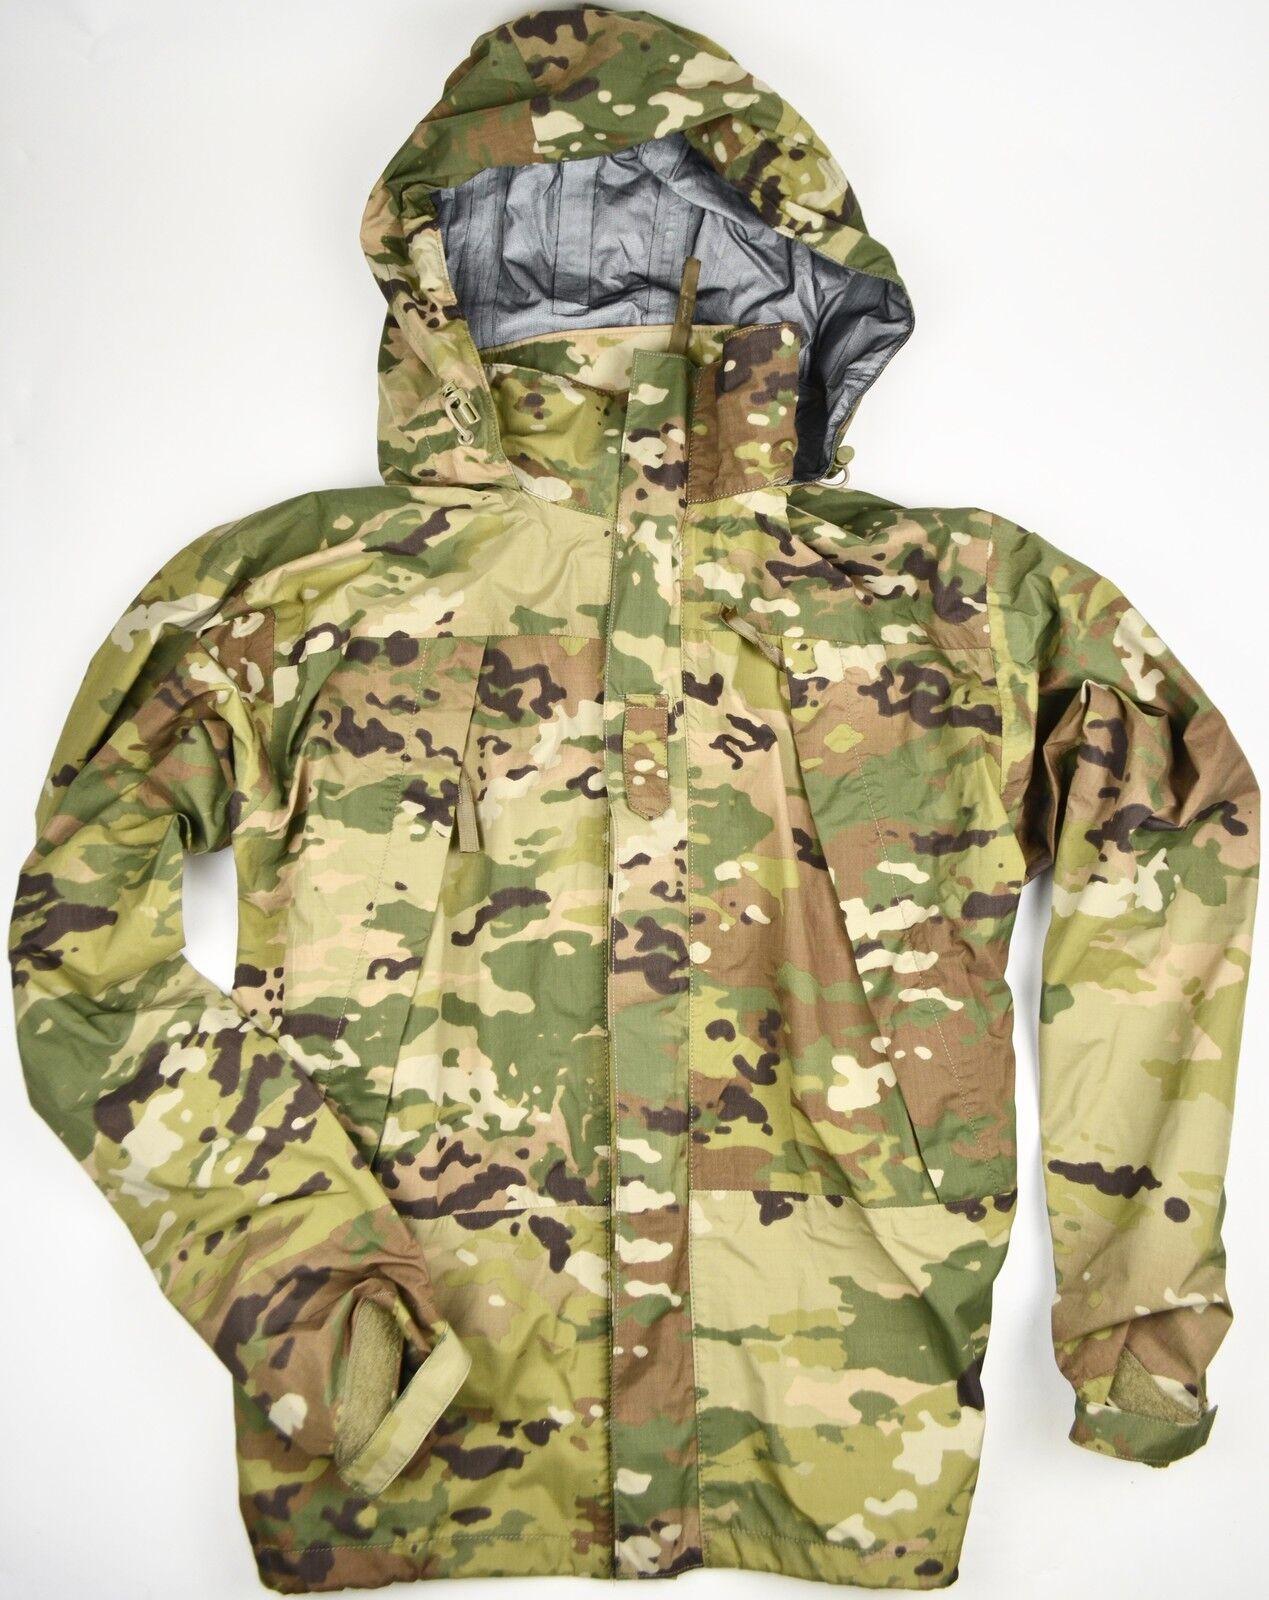 Us Army Ecwcs Ocp Multicam Level 6 Gen III Kültéri Goretex Jacket Nagy Rendes